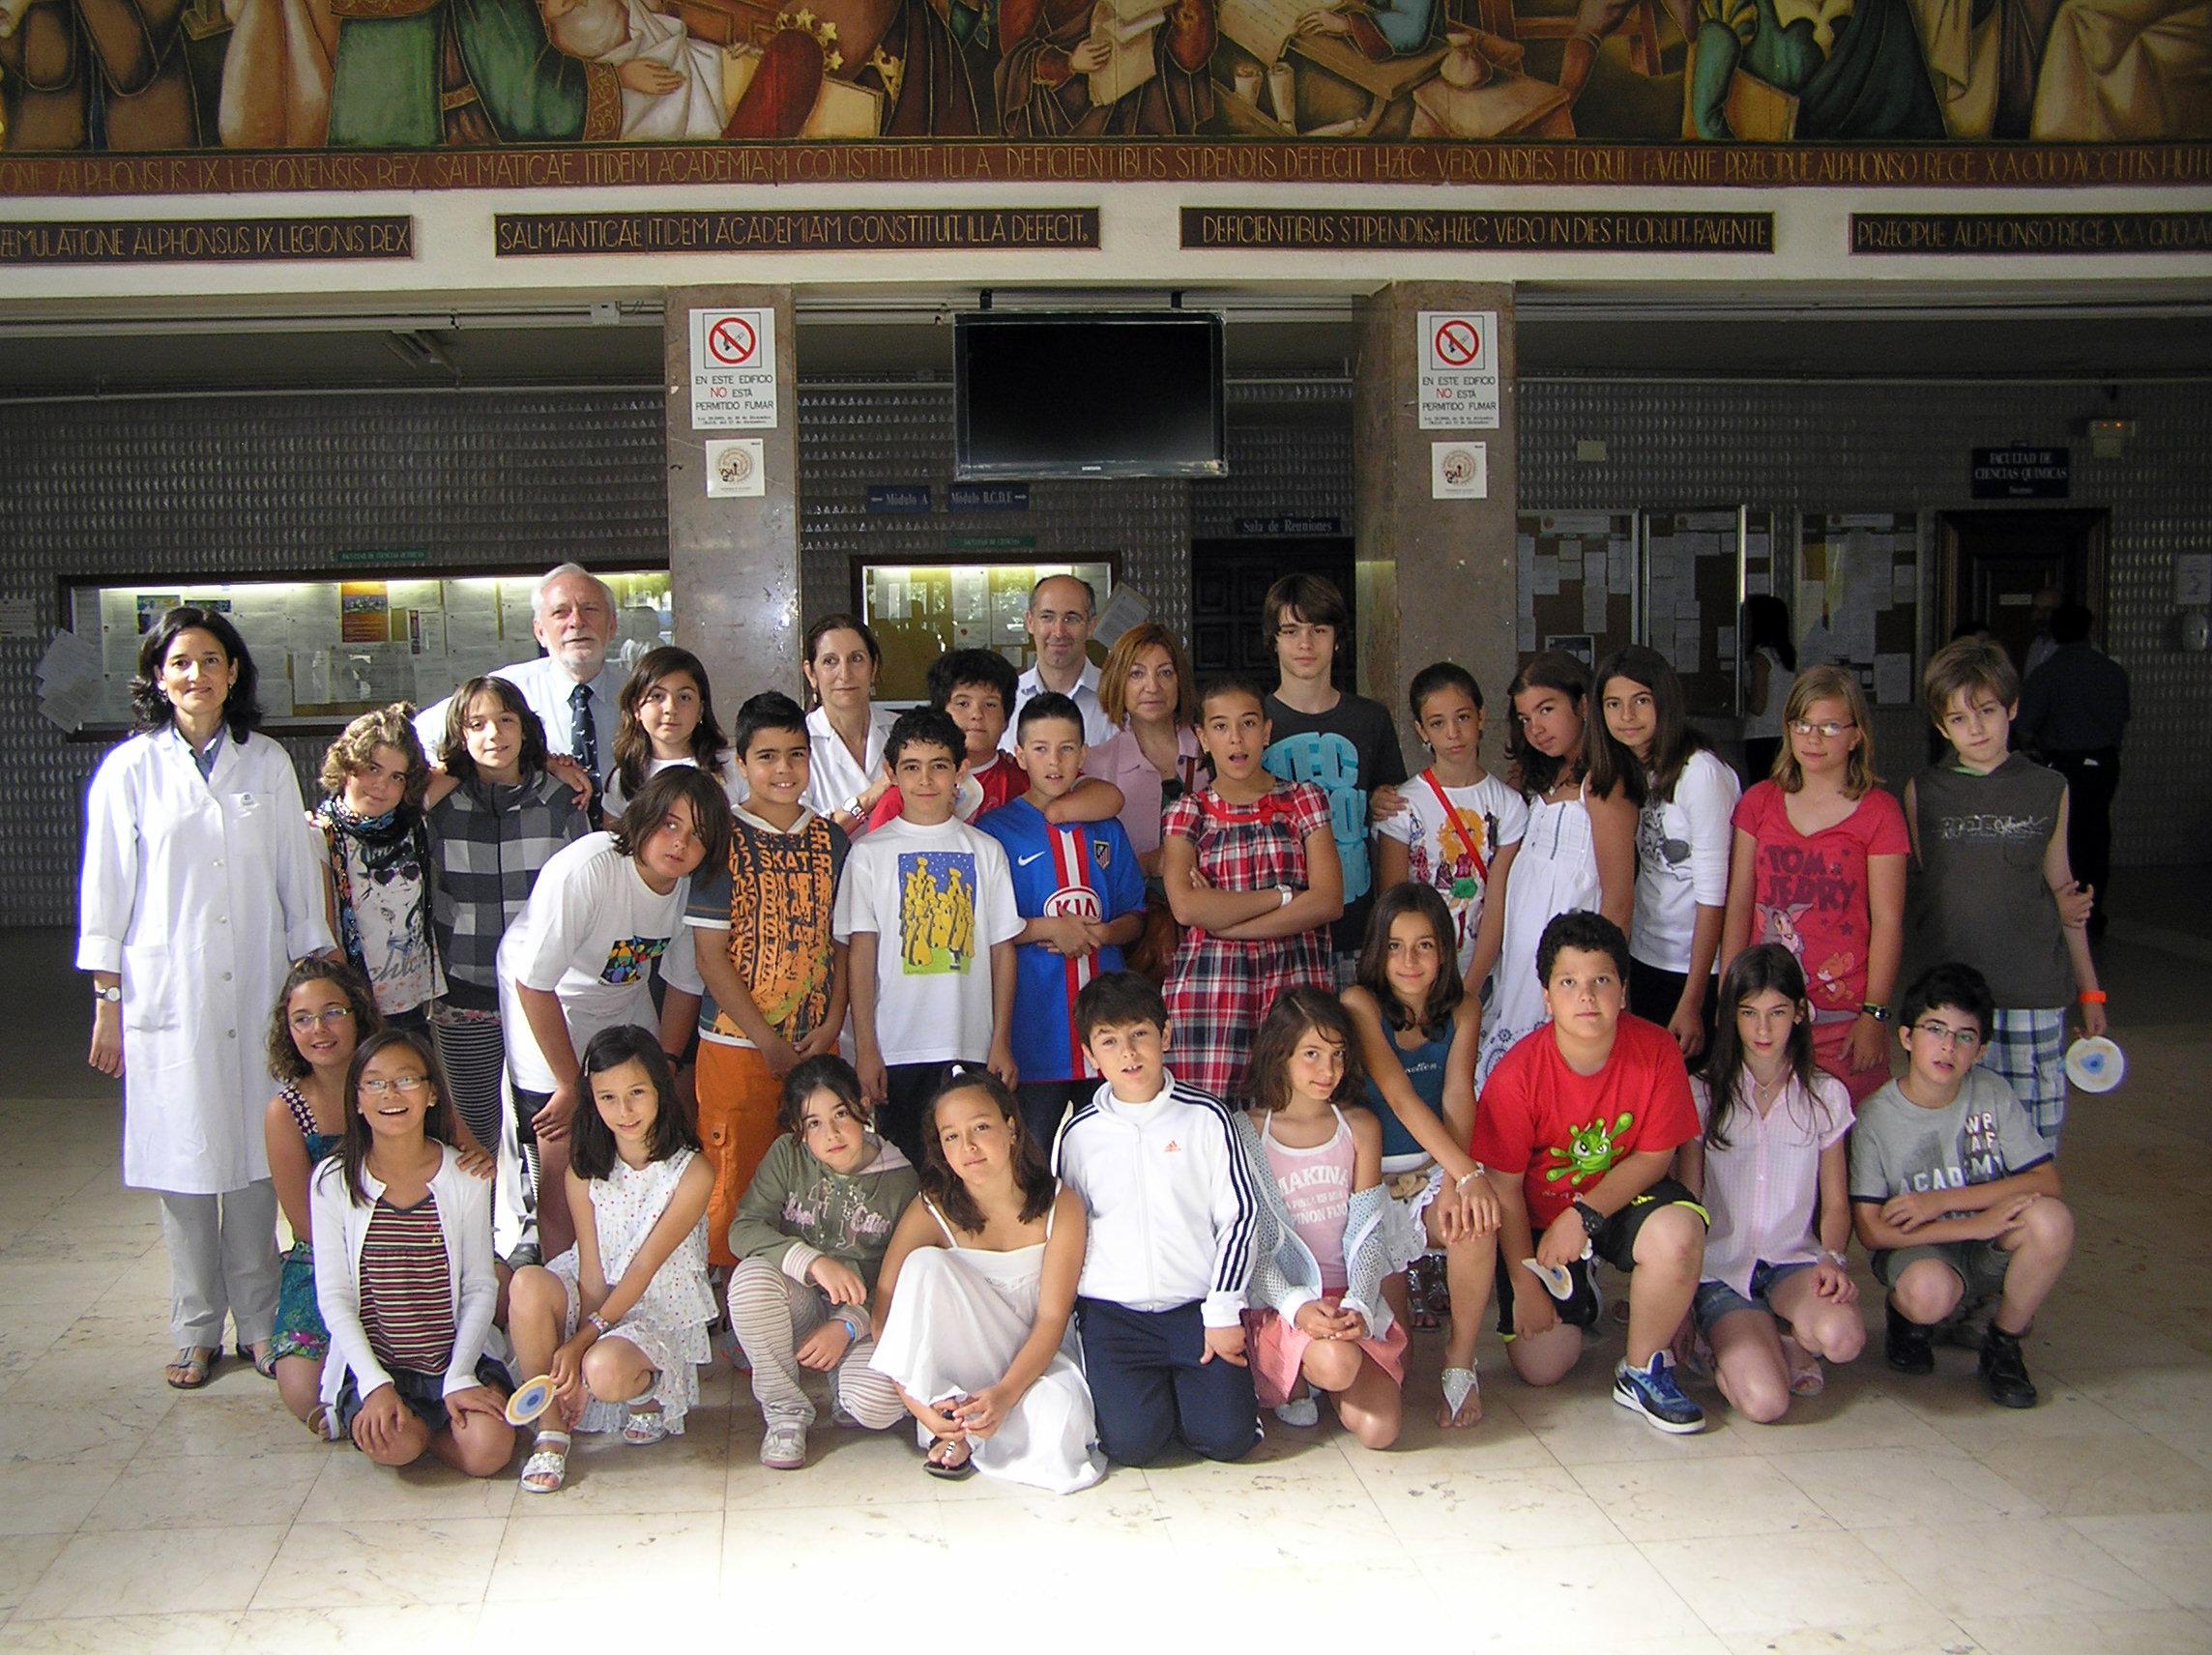 Visita de alumnos del colegio Santa Catalina de Salamanca a las facultades de Ciencias y Ciencias Químicas